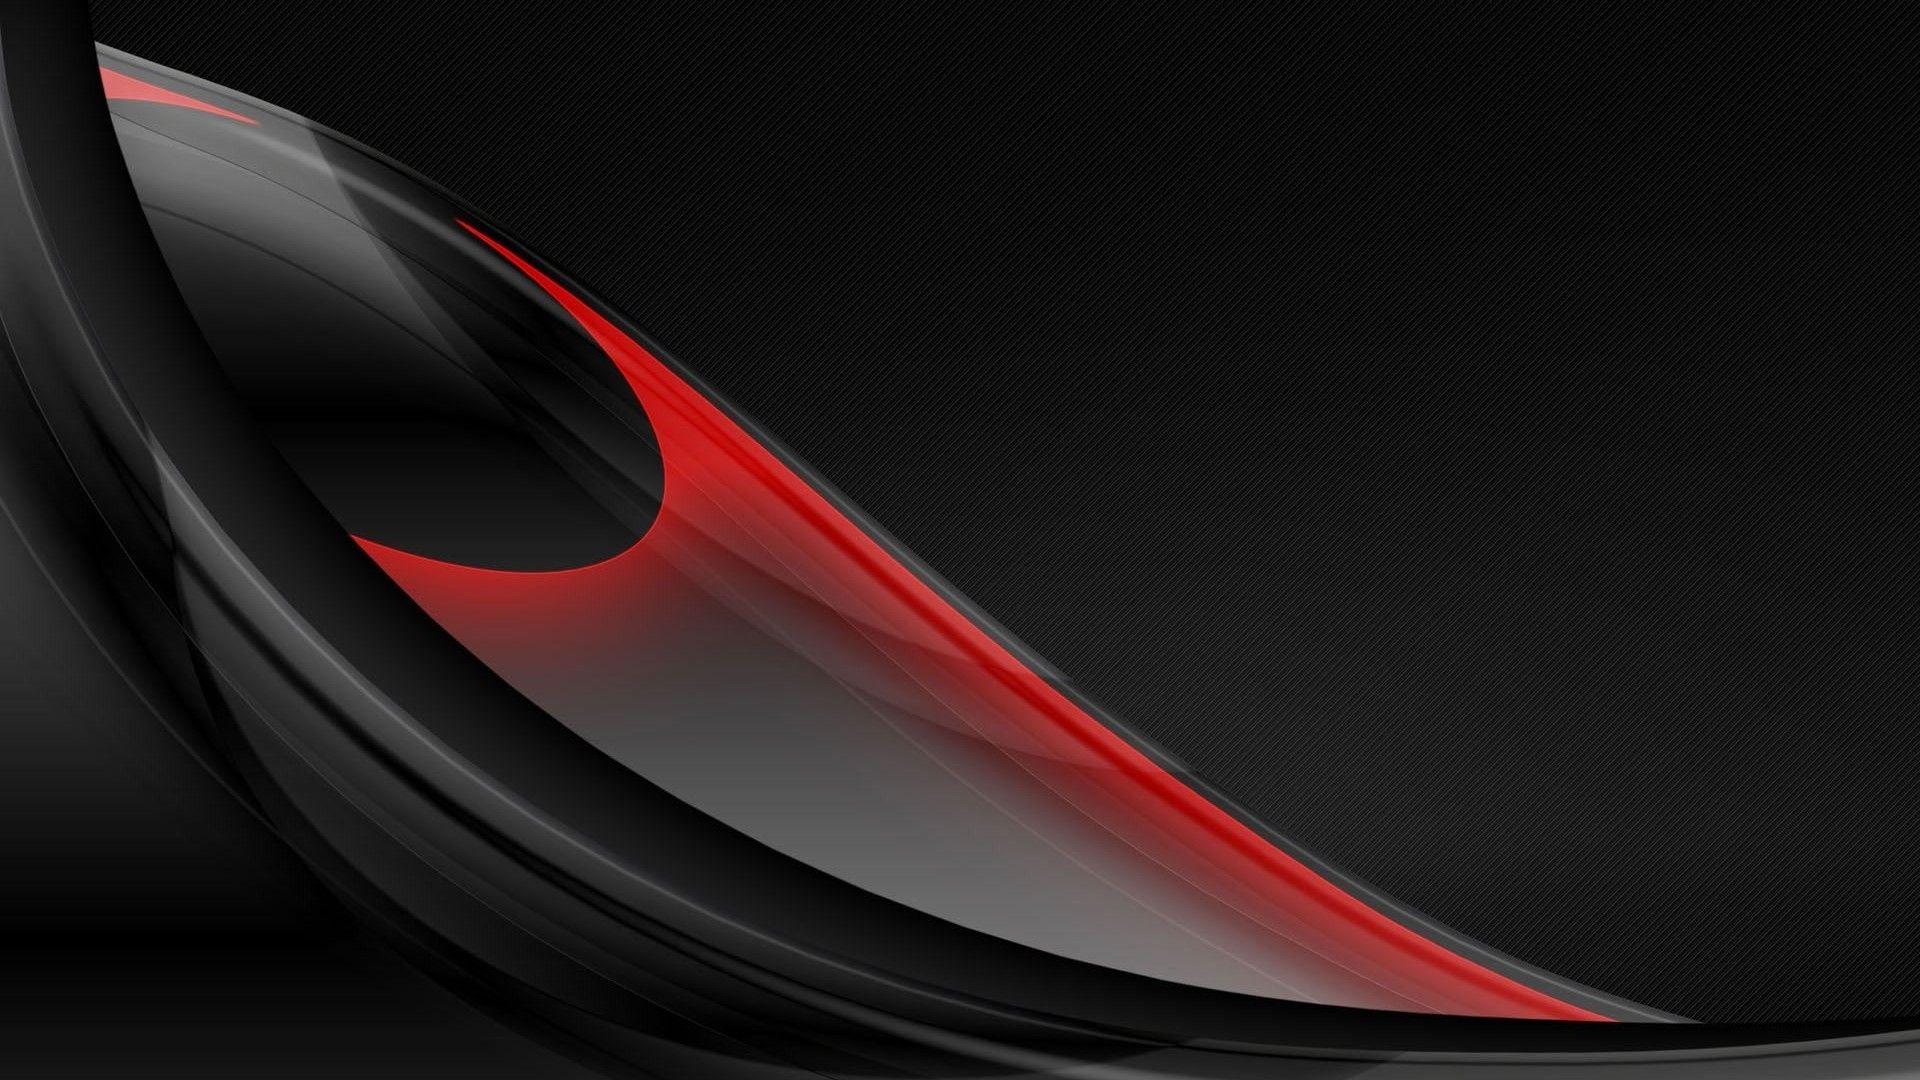 Die 79 Besten Schwarz Hintergrundbilder Hintergrund Hintergrundbilder Desktop Hintergrund Weisse In 2020 Red Wallpaper Black Hd Wallpaper Black Background Wallpaper